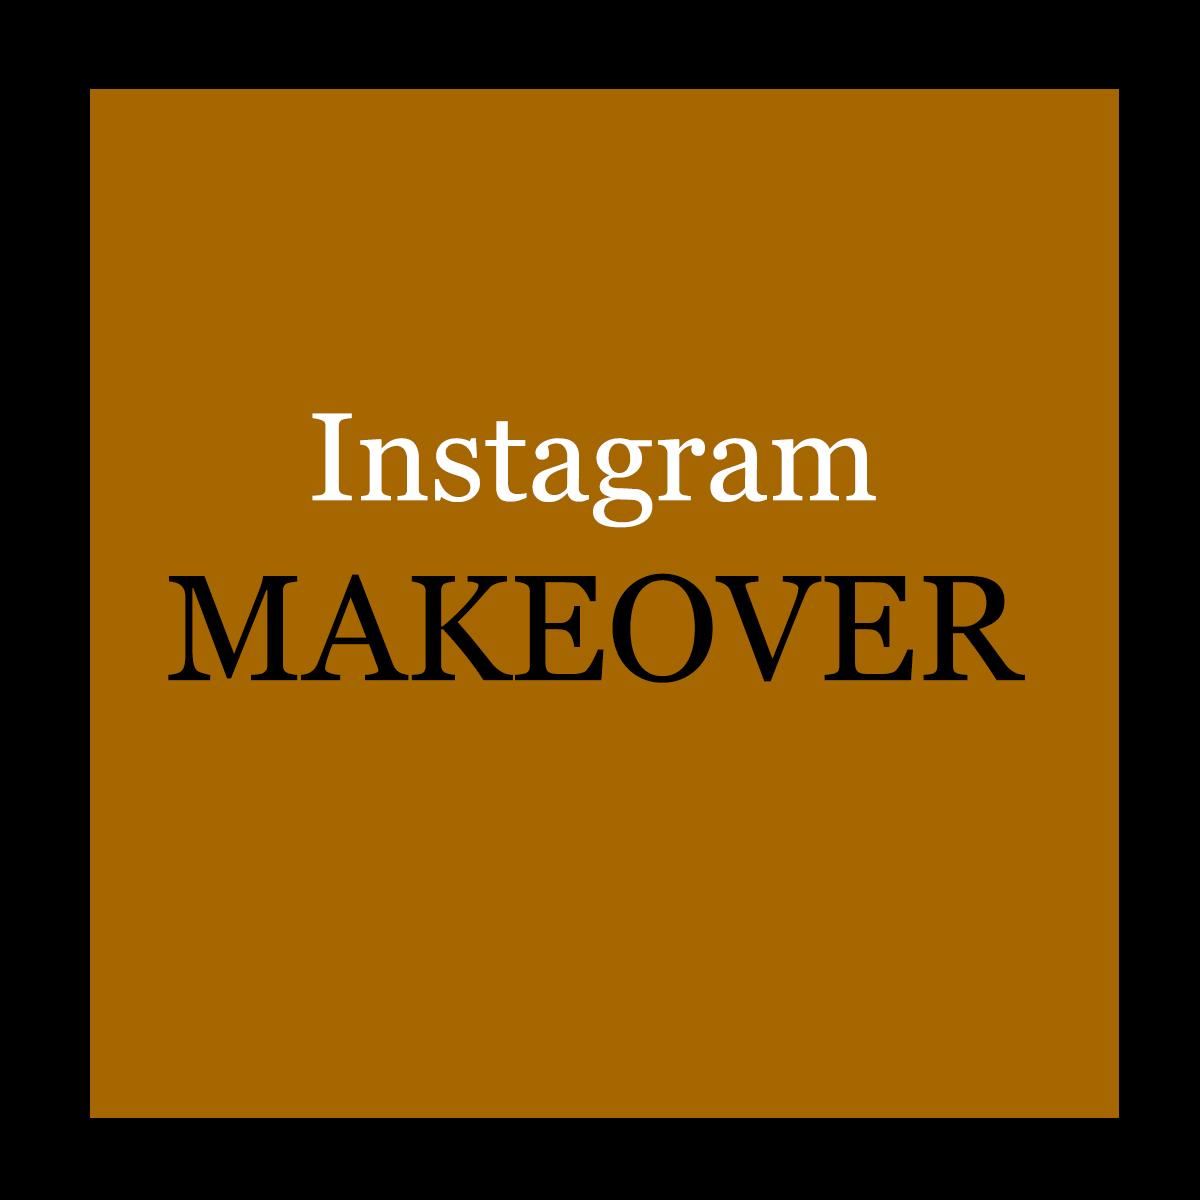 Instagram make over logo nieuw